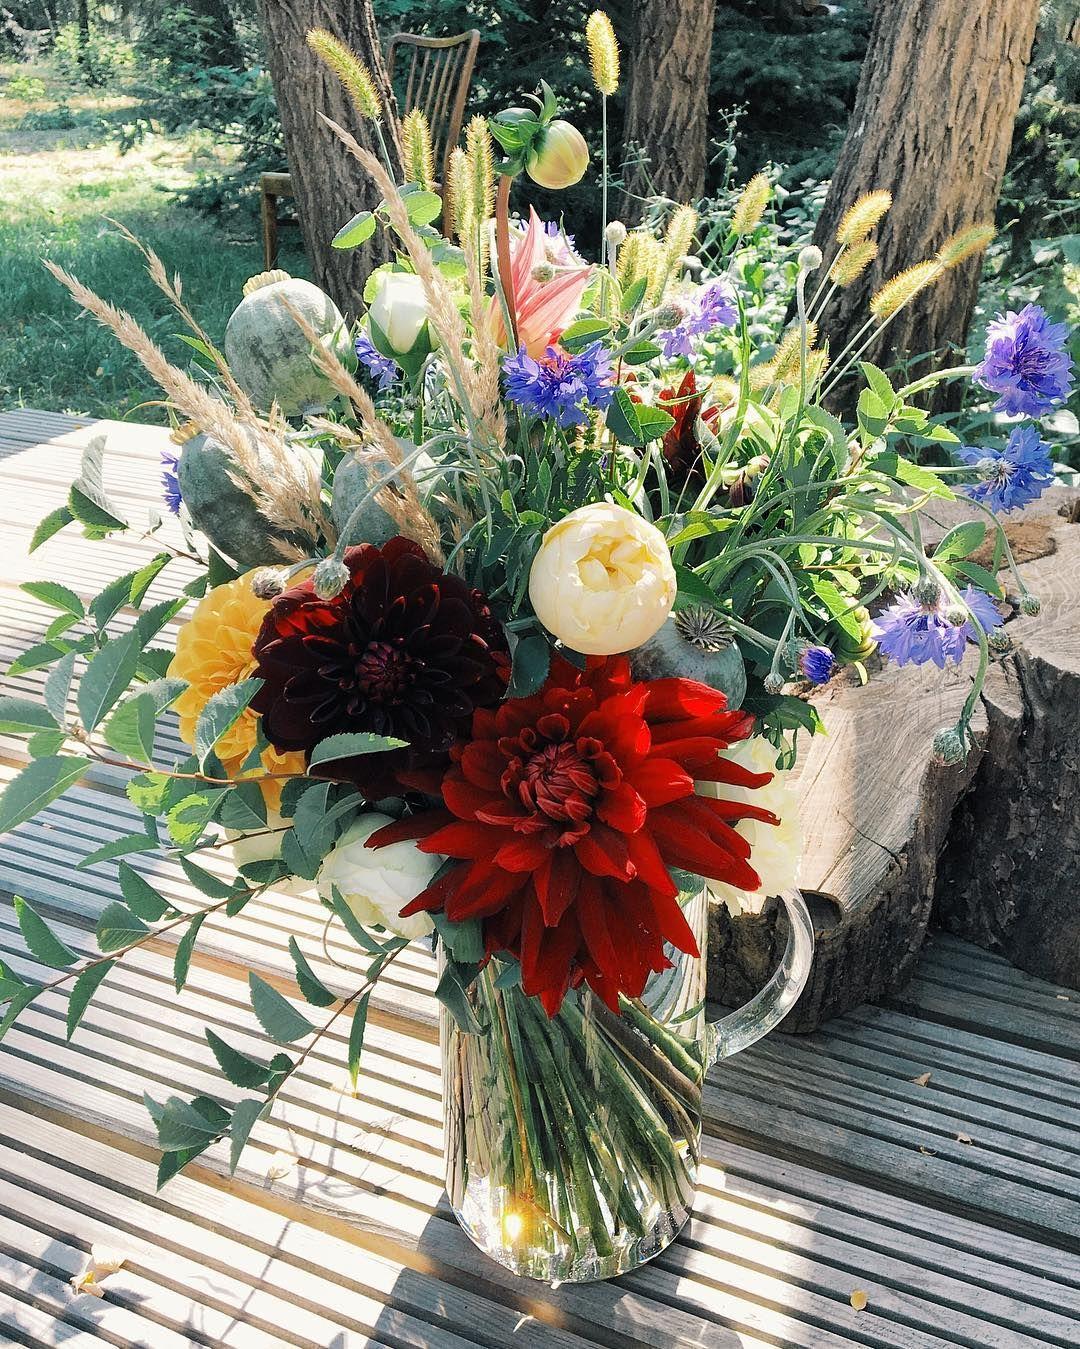 1 417 Likes 8 Comments Kwiaciarnia Kwiaty Amp Miut Kwiatyimiut On Instagram Bukiet Na Niedziele Christmas Wreaths Floral Wreath Holiday Decor